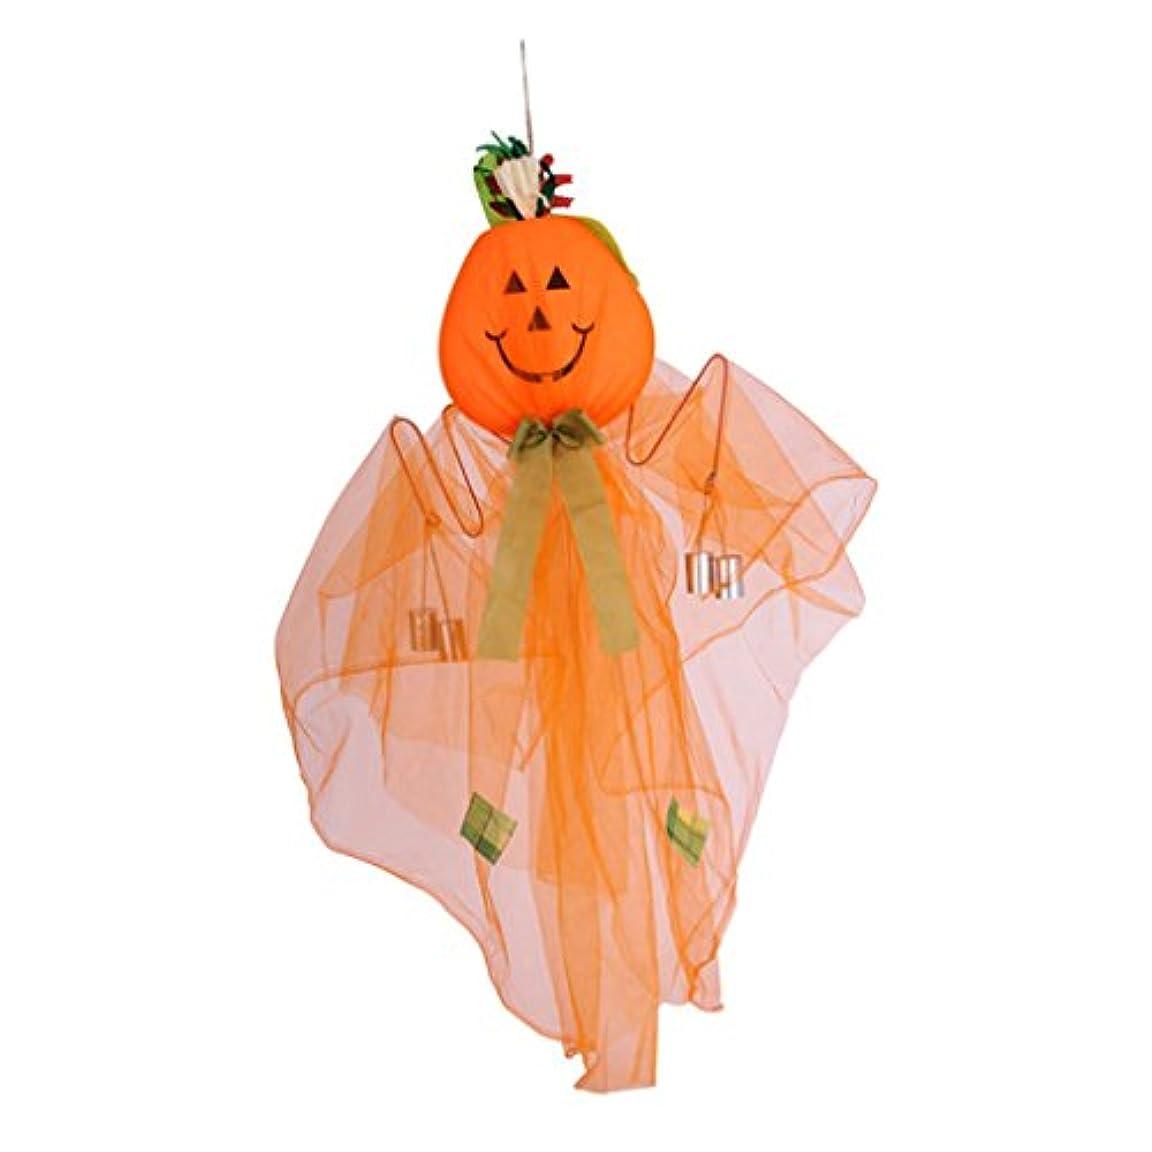 重要な役割を果たす、中心的な手段となる即席広告主ハロウィーンの装飾カボチャの風鈴の装飾の小道具装飾的なハロウィーン用品 (Color : ORANGE)